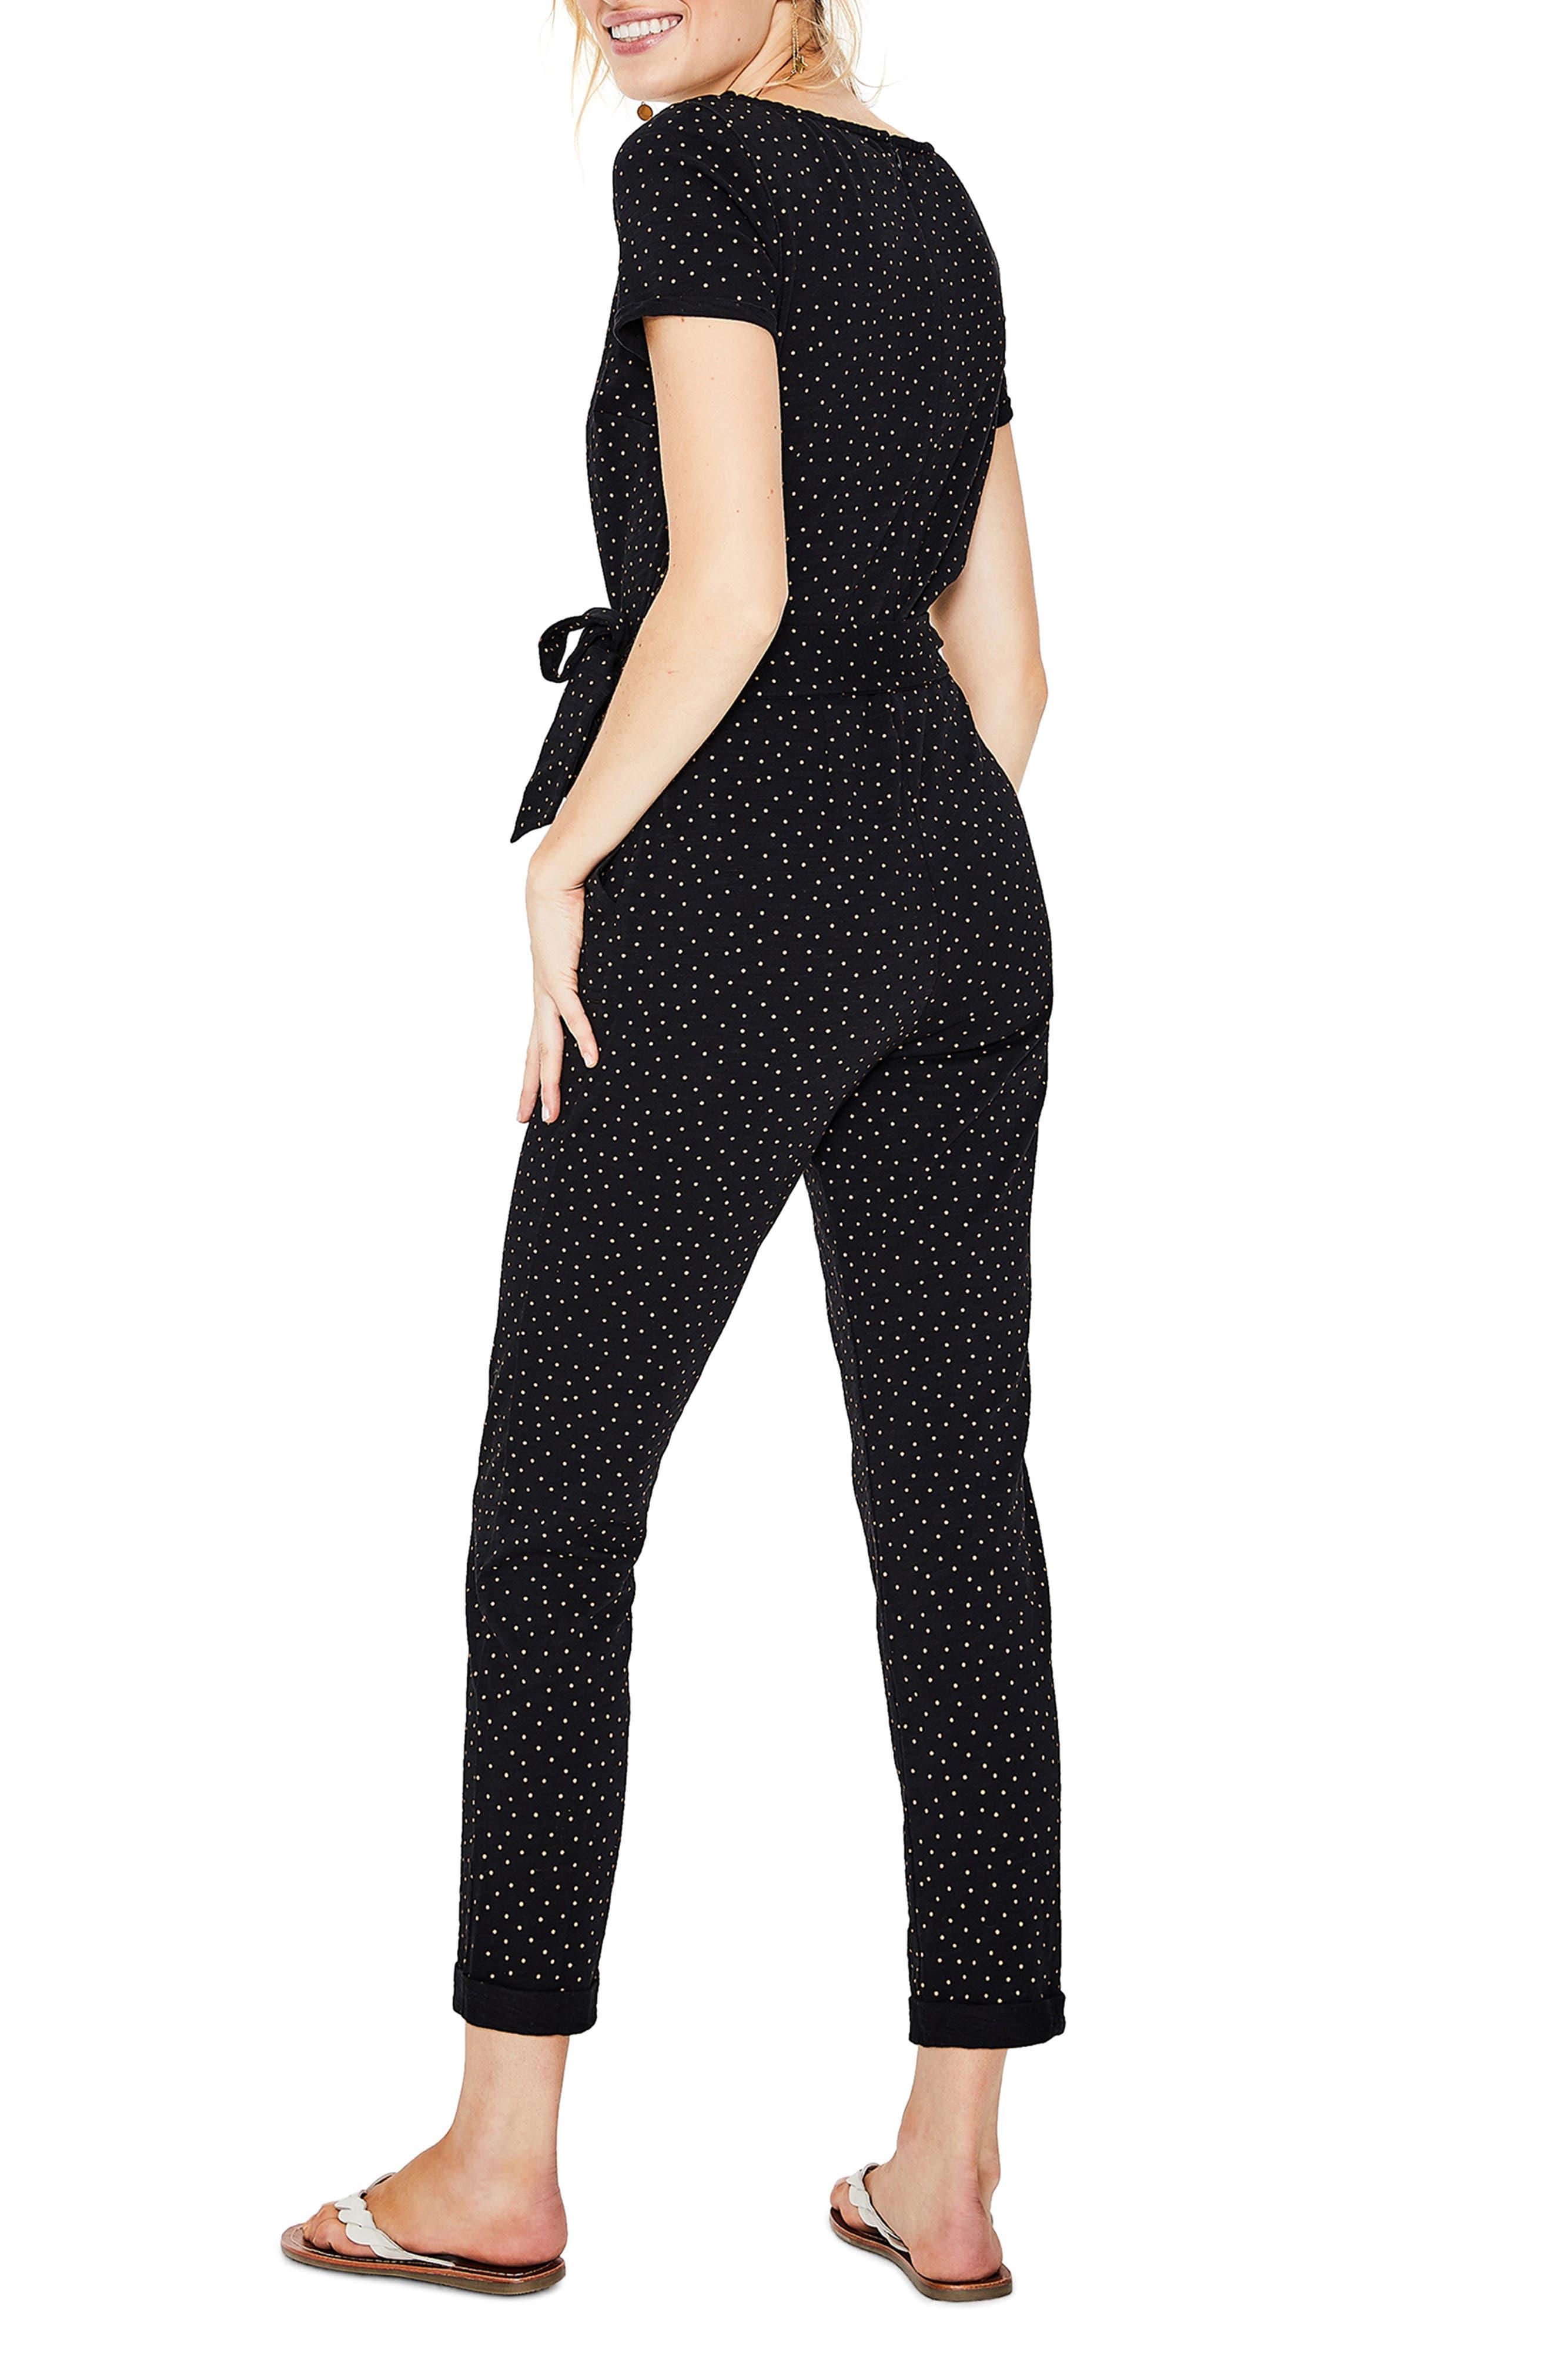 BODEN, Caitlin Jersey Jumpsuit, Alternate thumbnail 2, color, BLACK/ SOFT TRUFFLE SPOT